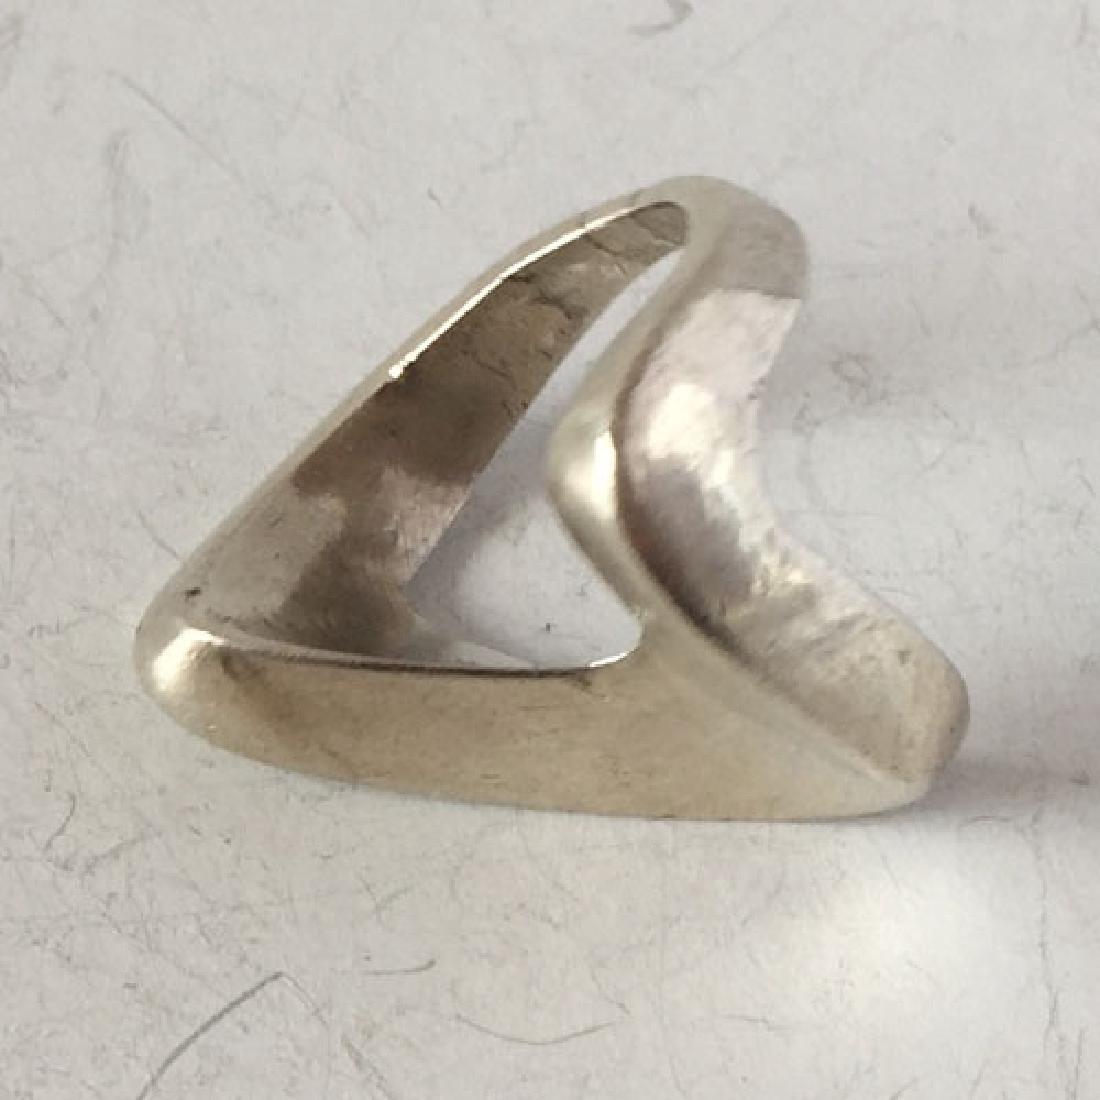 Vintage sterling silver V shape ring, size 6 - 3